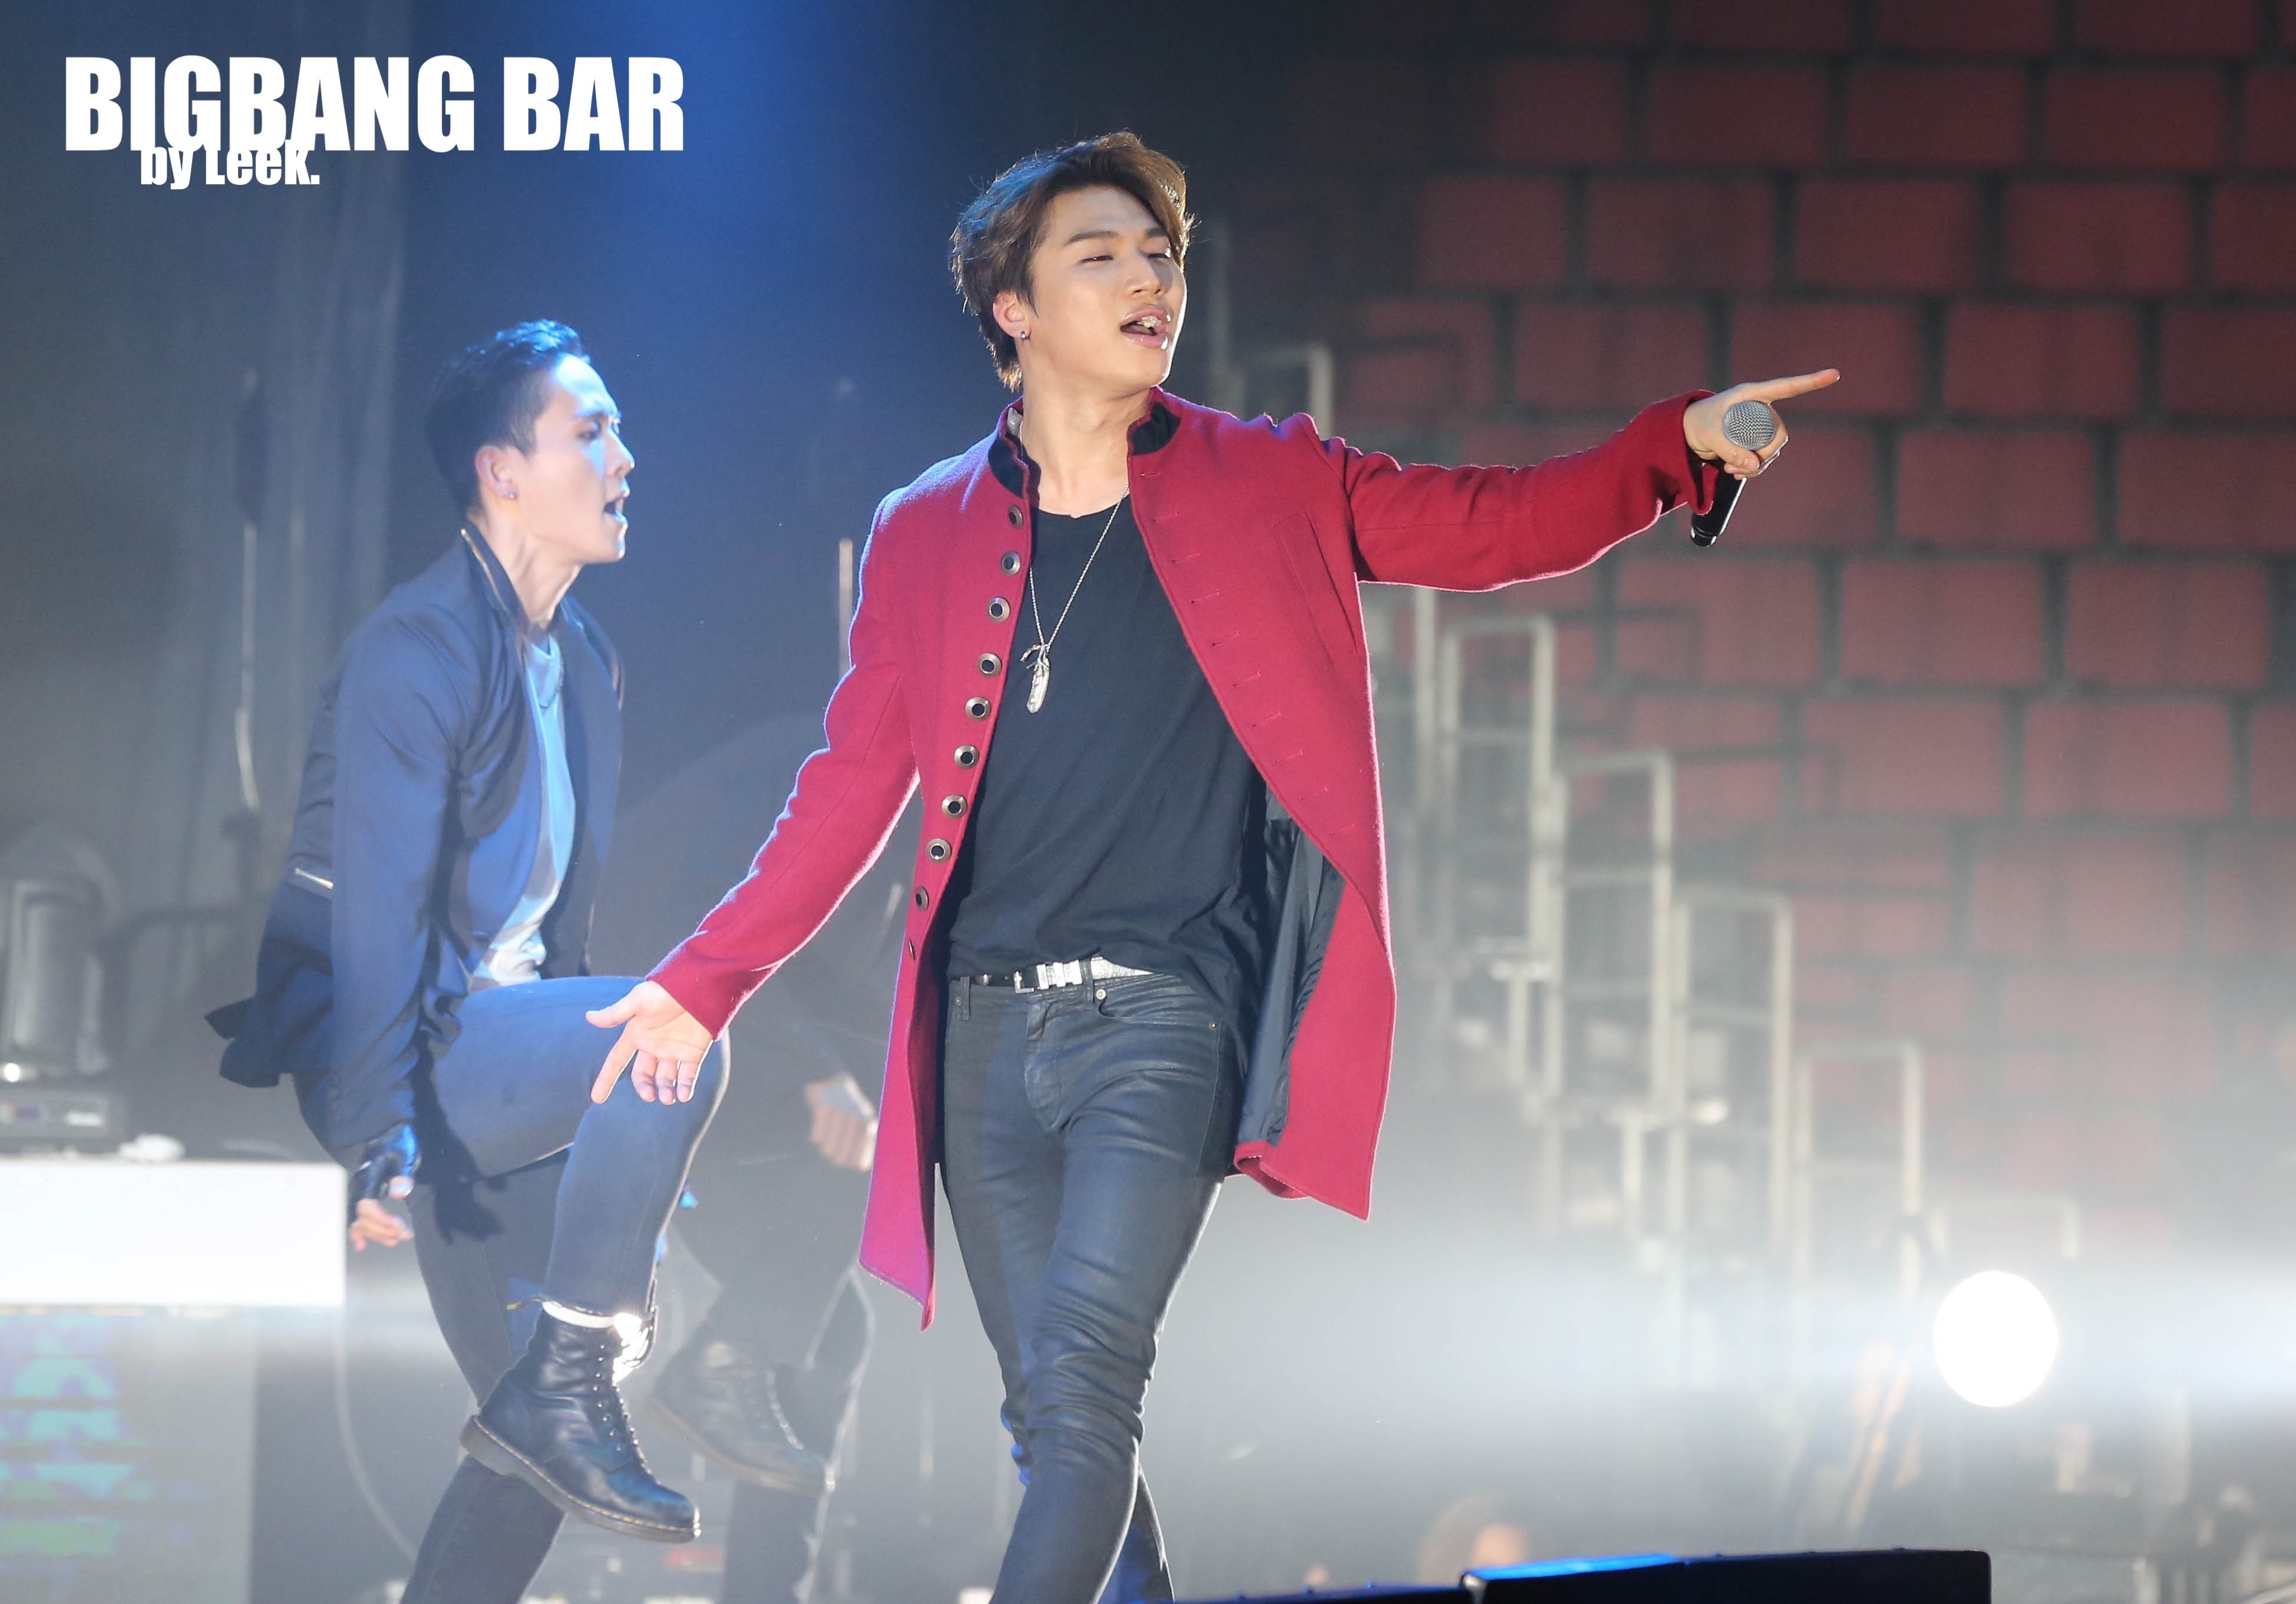 BIGBANG VIPevent Beijing 2016-01-01 By BIGBANGBar By Leek (33)